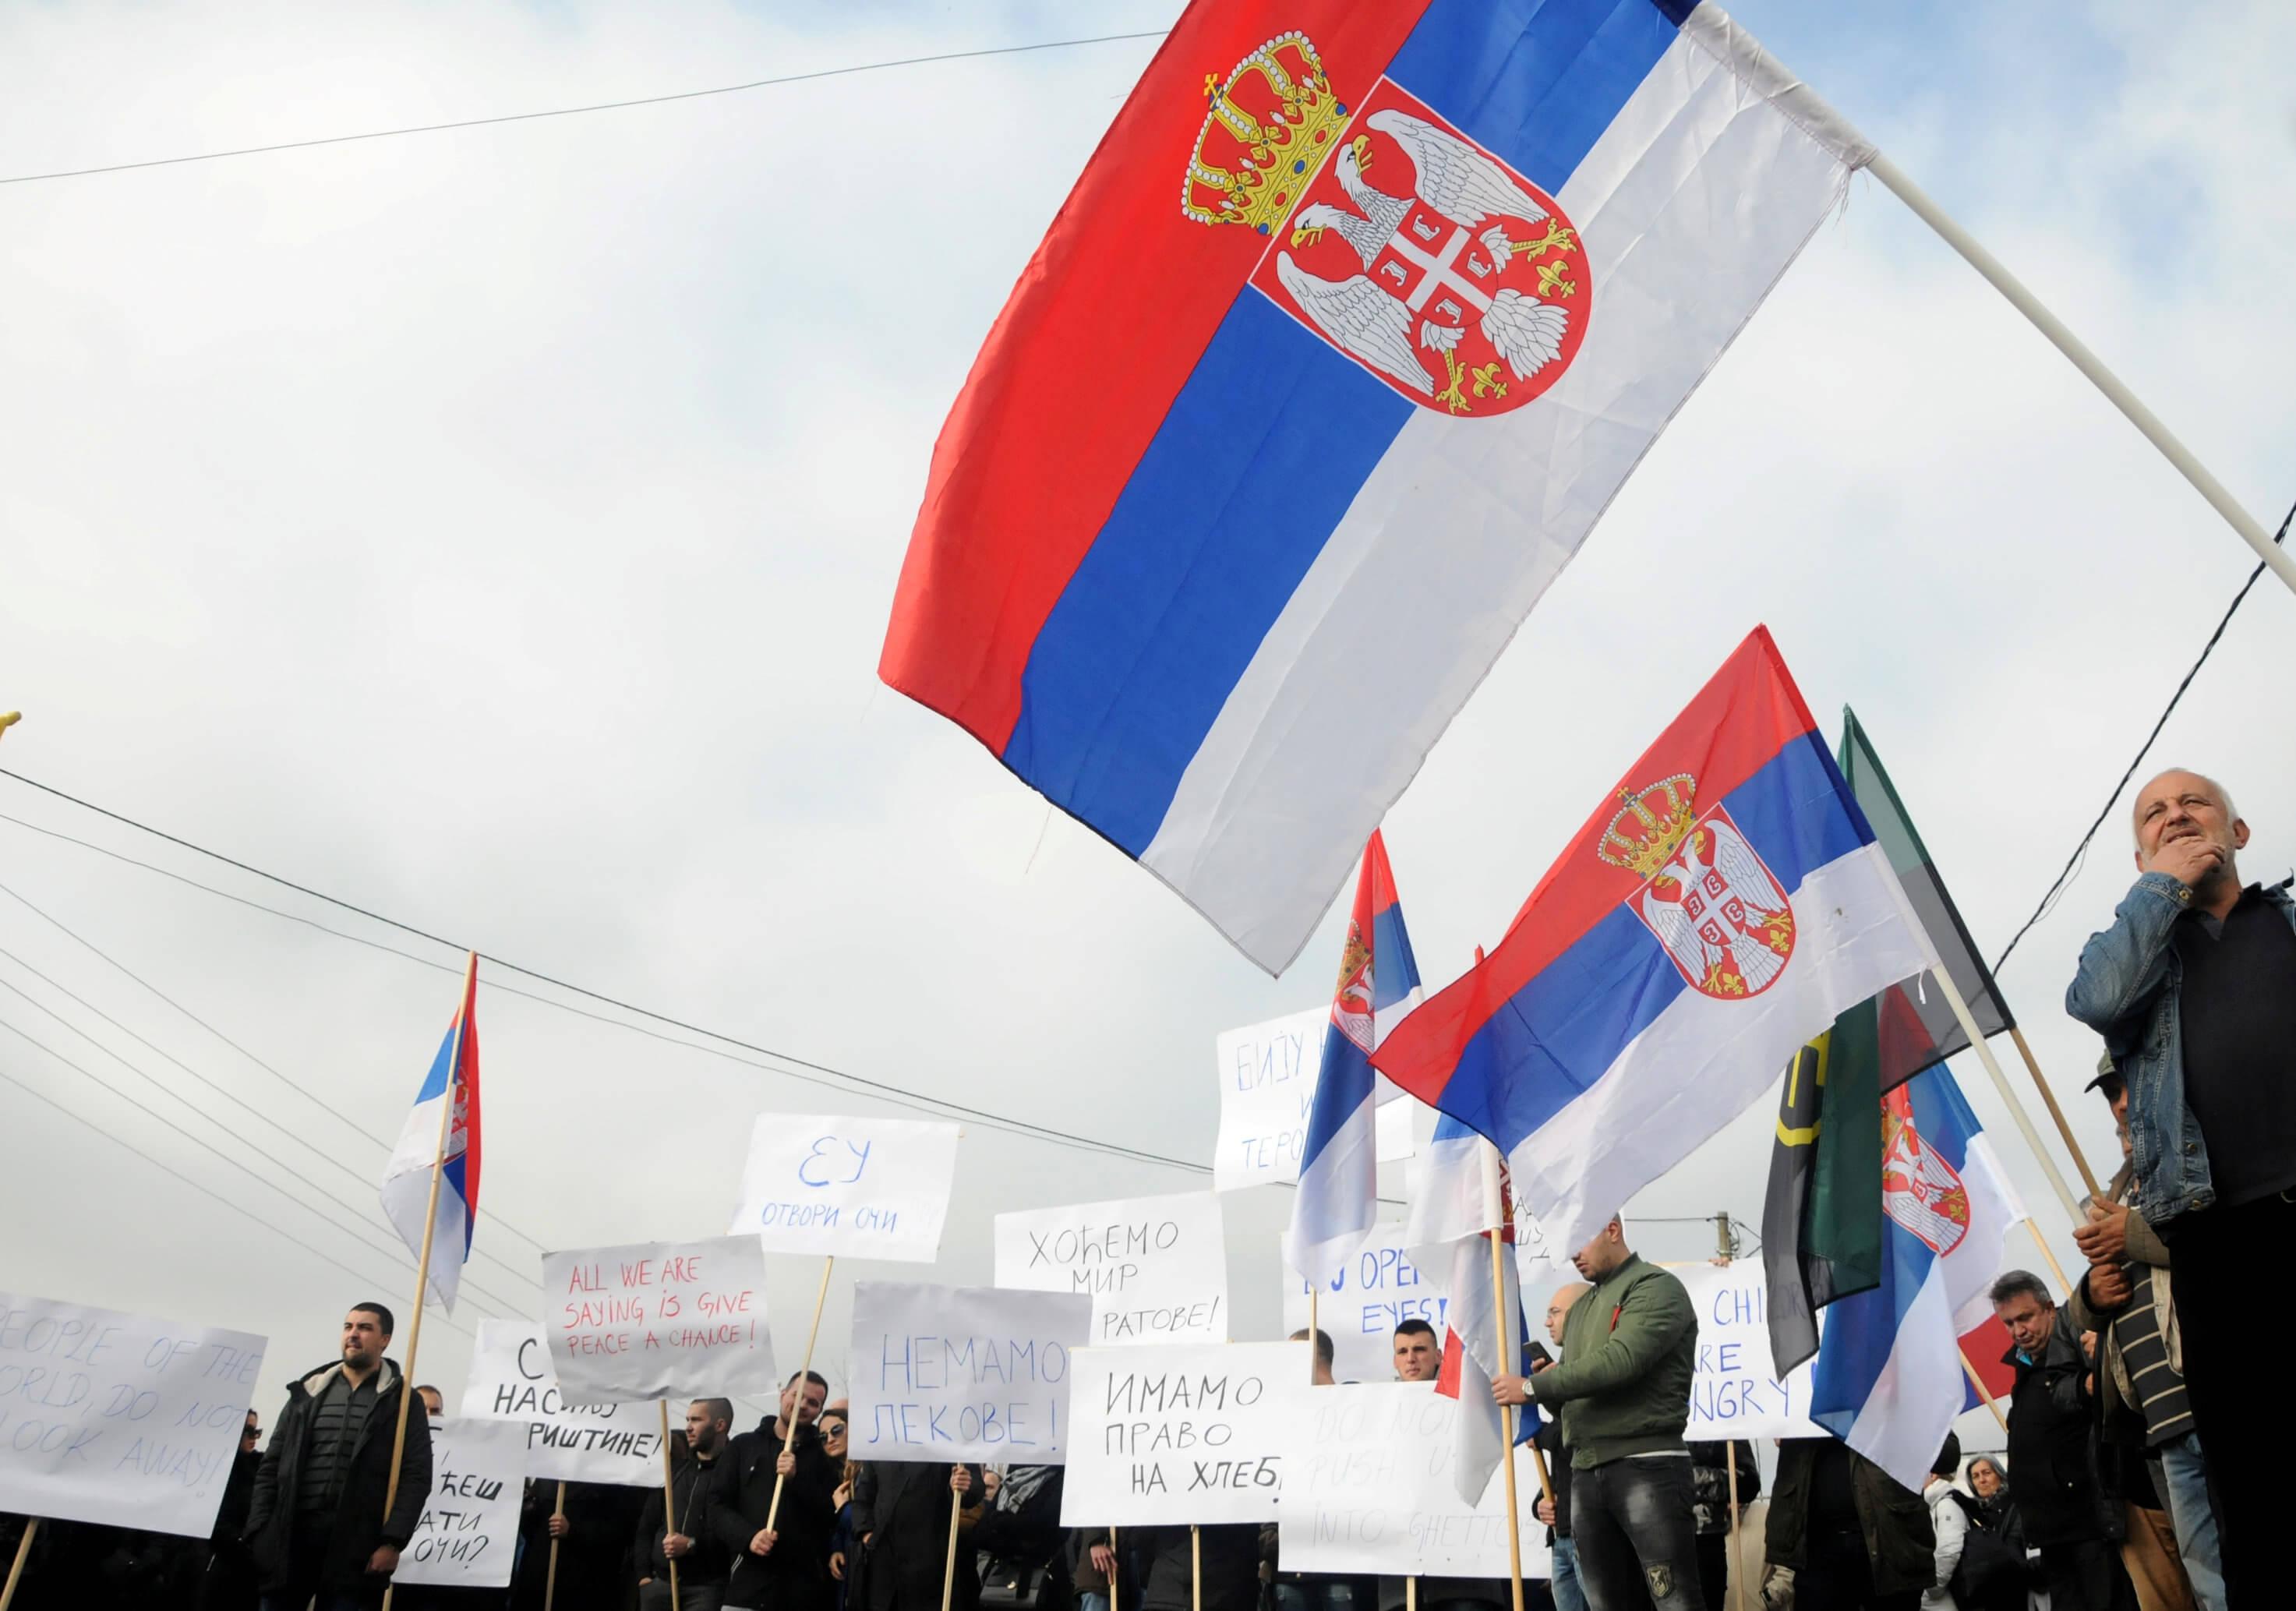 ΗΠΑ σε Κόσοβο: Καταργείστε τους δασμούς στα σερβικά προϊόντα